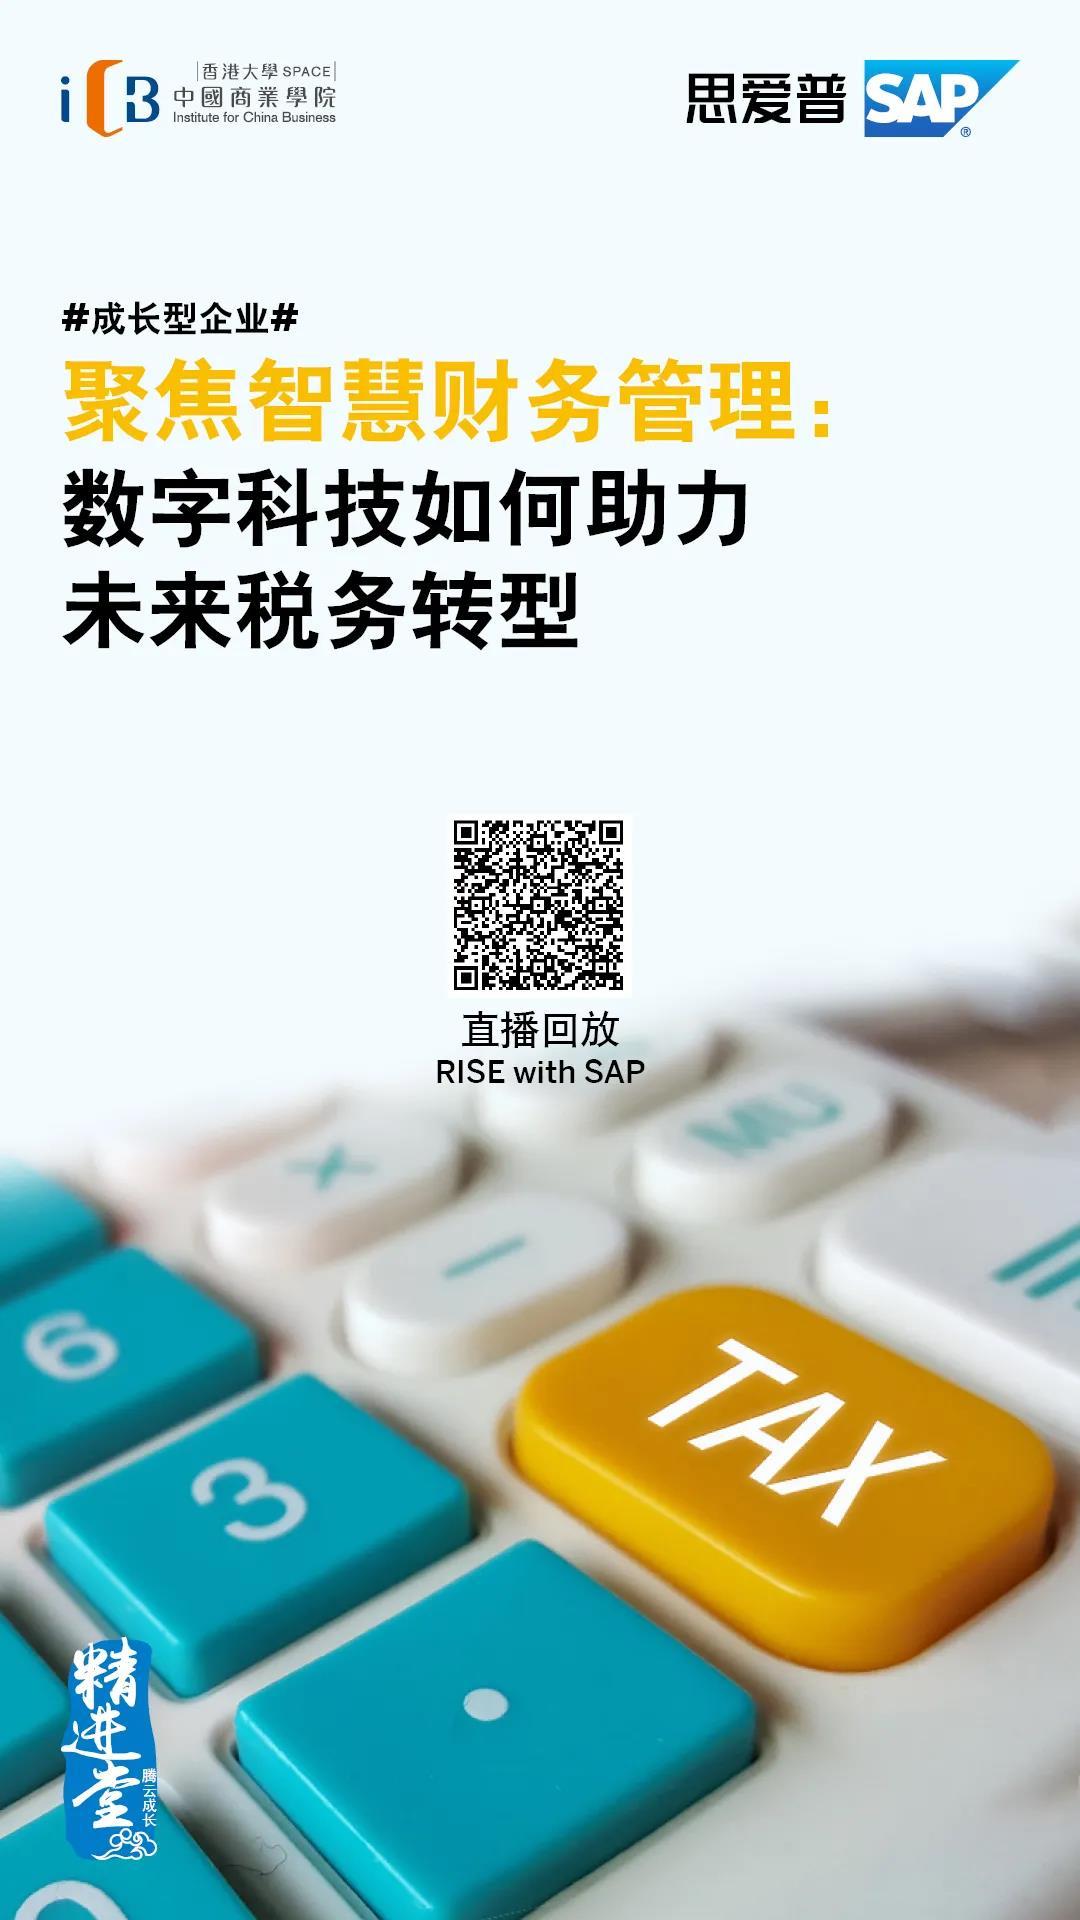 WeChat Image_20210708164023.jpg